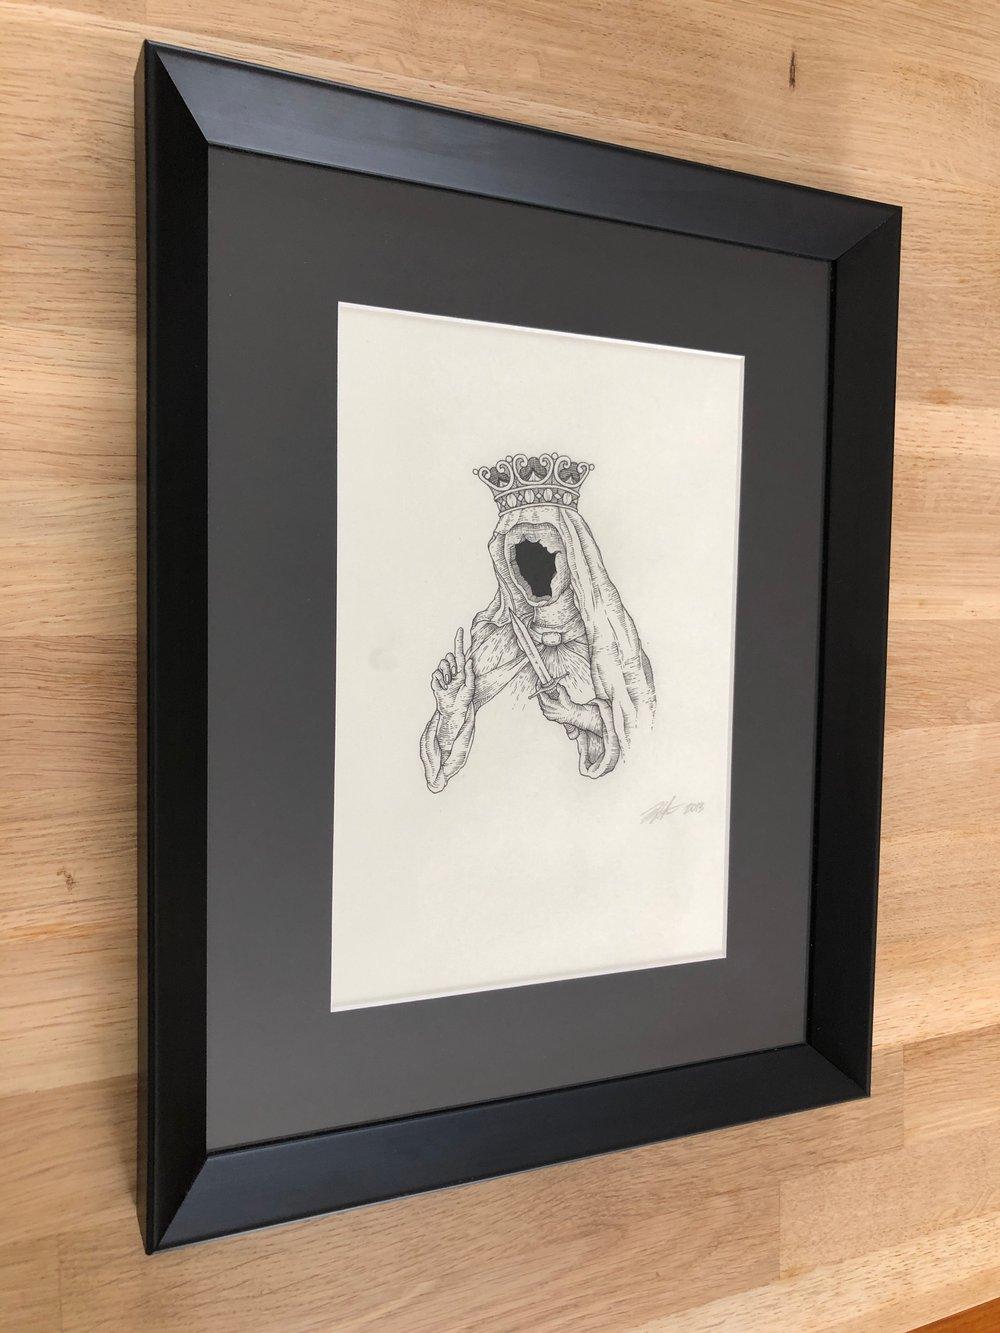 Image of Faceless saint - Original drawing